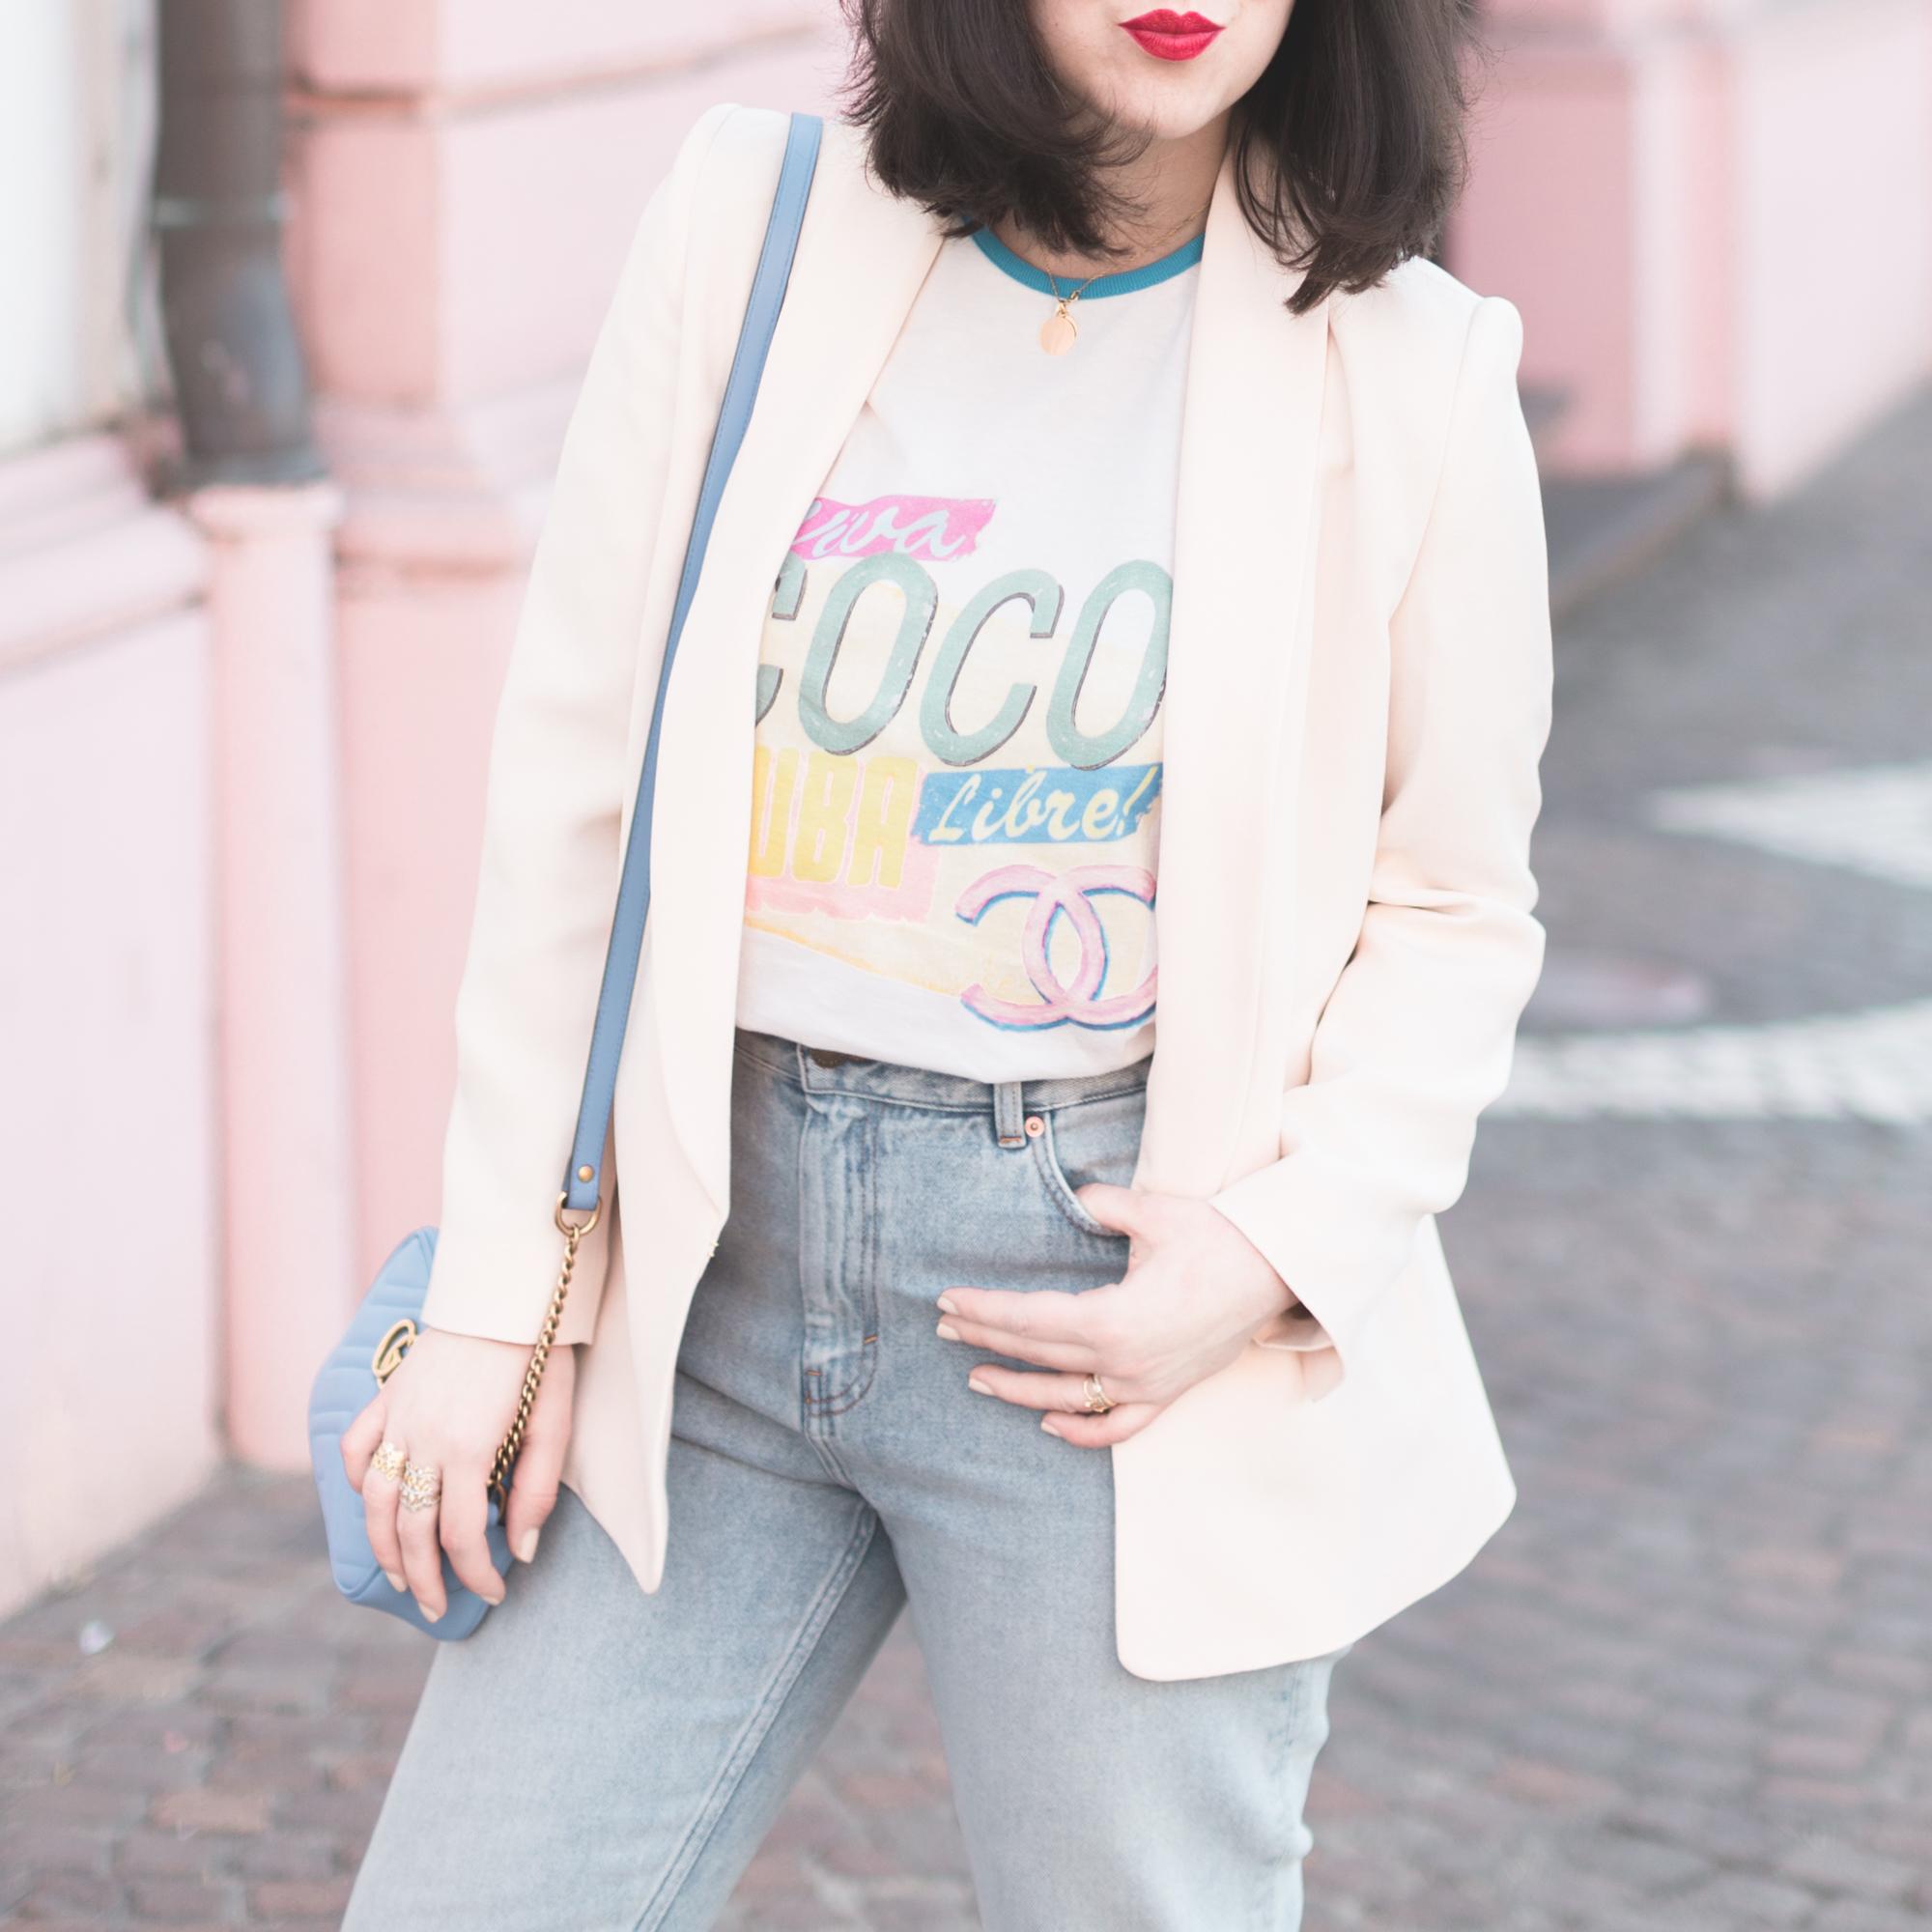 2000_t-shirt-chanel-coco-libre-viva-cuba-croisiere-gucci-marmont-sezane_copyright_Pauline_Privez_paulinefashionblog_com-1-2